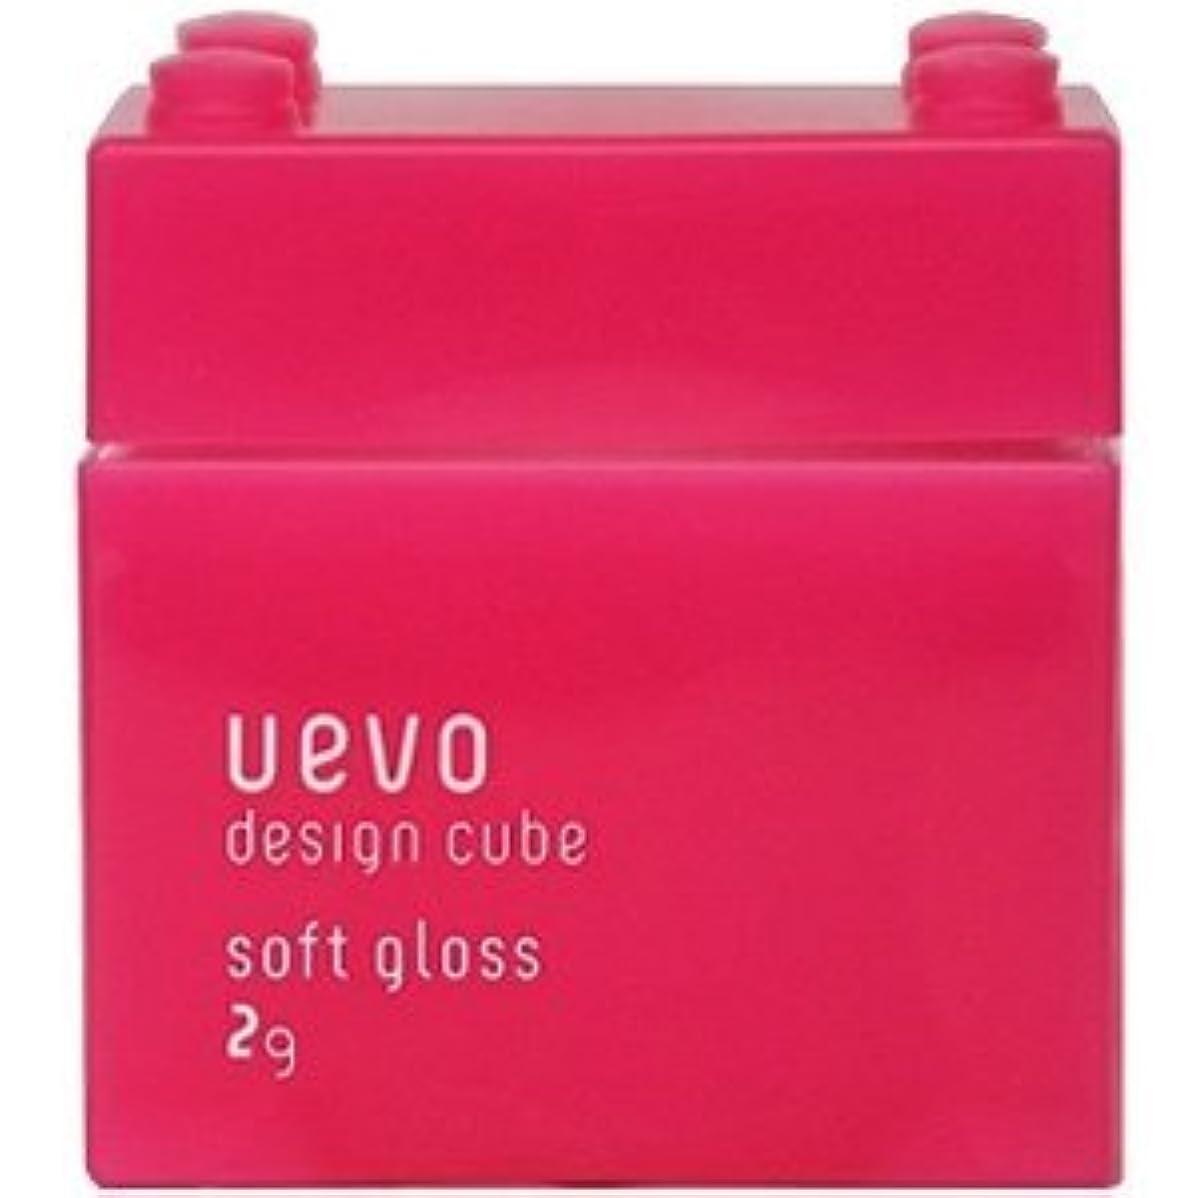 本当のことを言うと後退する白雪姫【X2個セット】 デミ ウェーボ デザインキューブ ソフトグロス 80g soft gloss DEMI uevo design cube